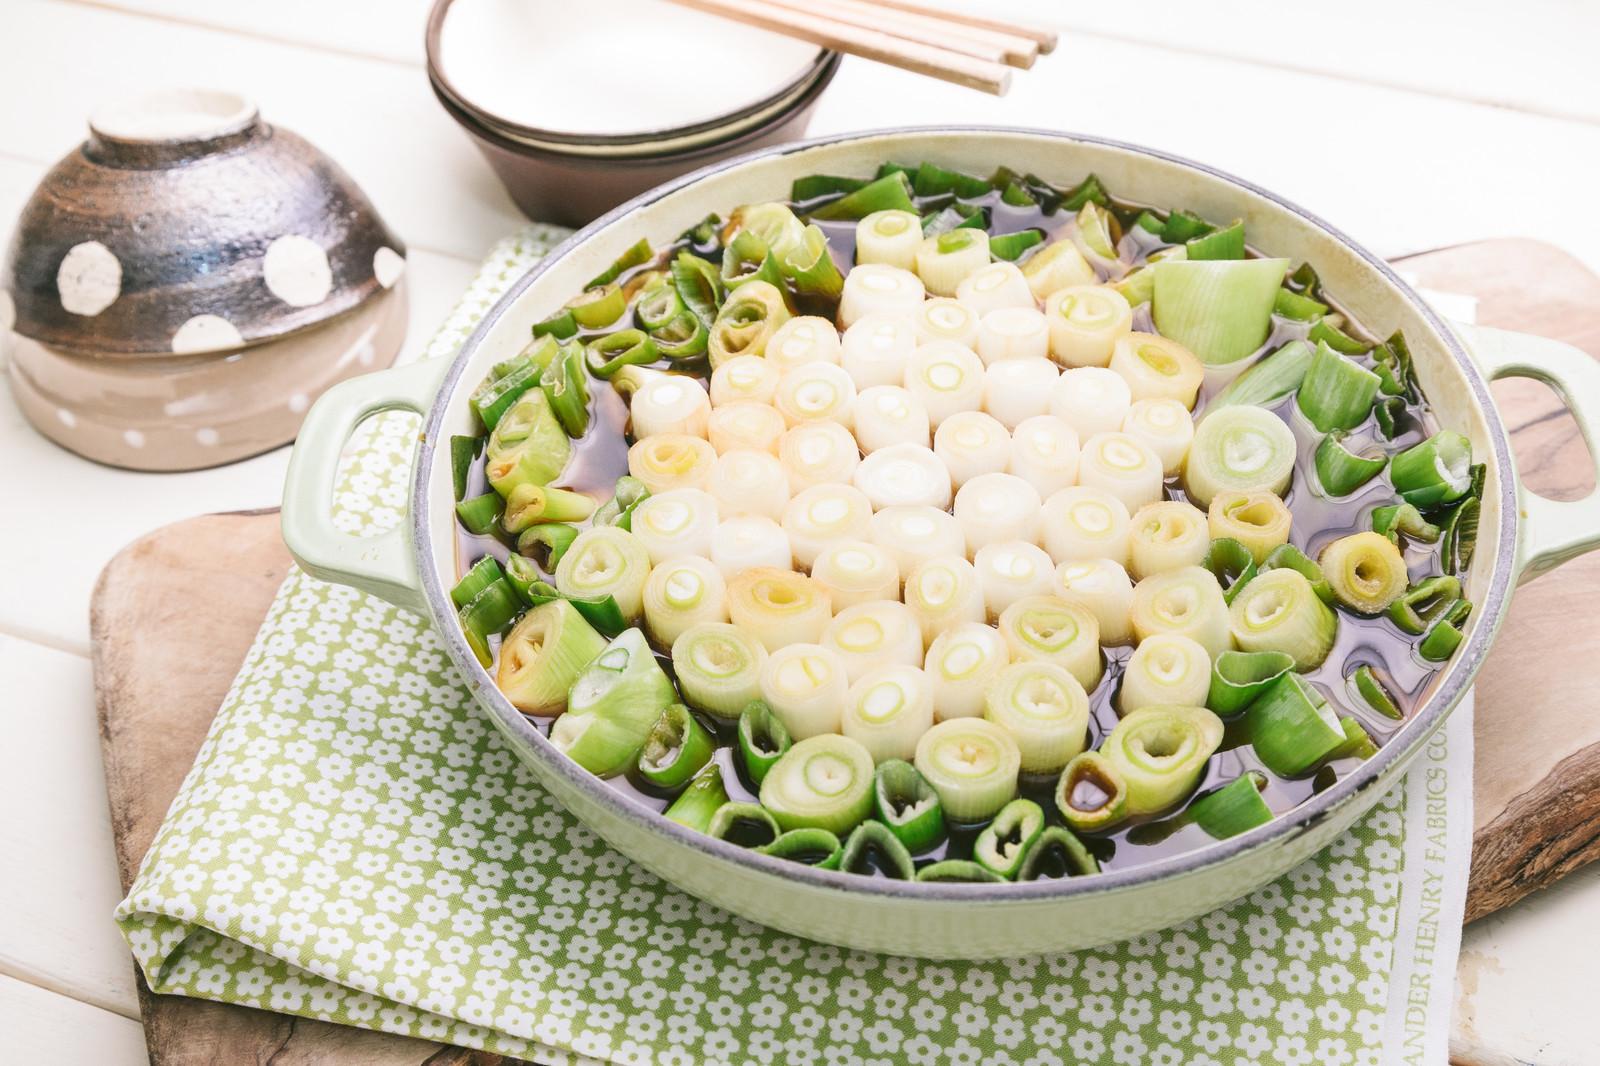 鍋ダイエットのやり方は?効果のある鍋ダイエット方法や痩せない原因を解説!